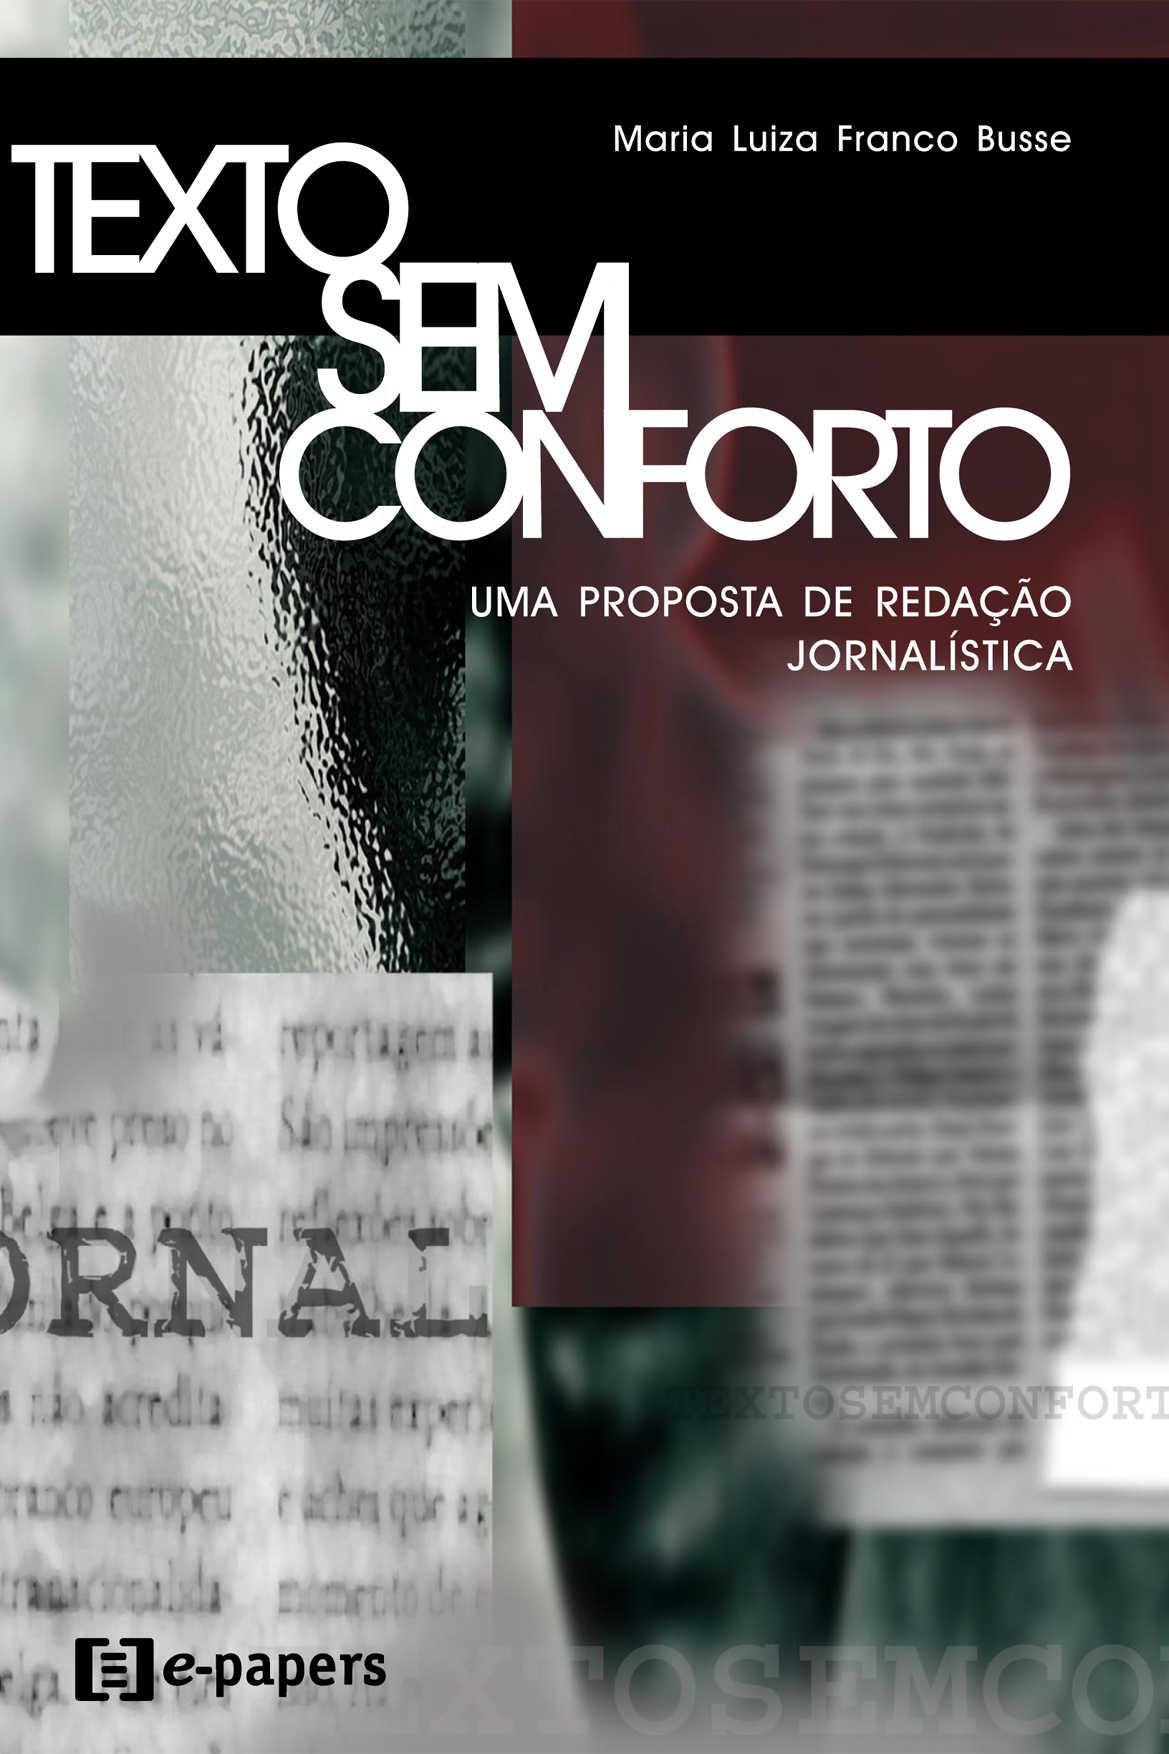 Texto sem conforto: Uma proposta de redação jornalística